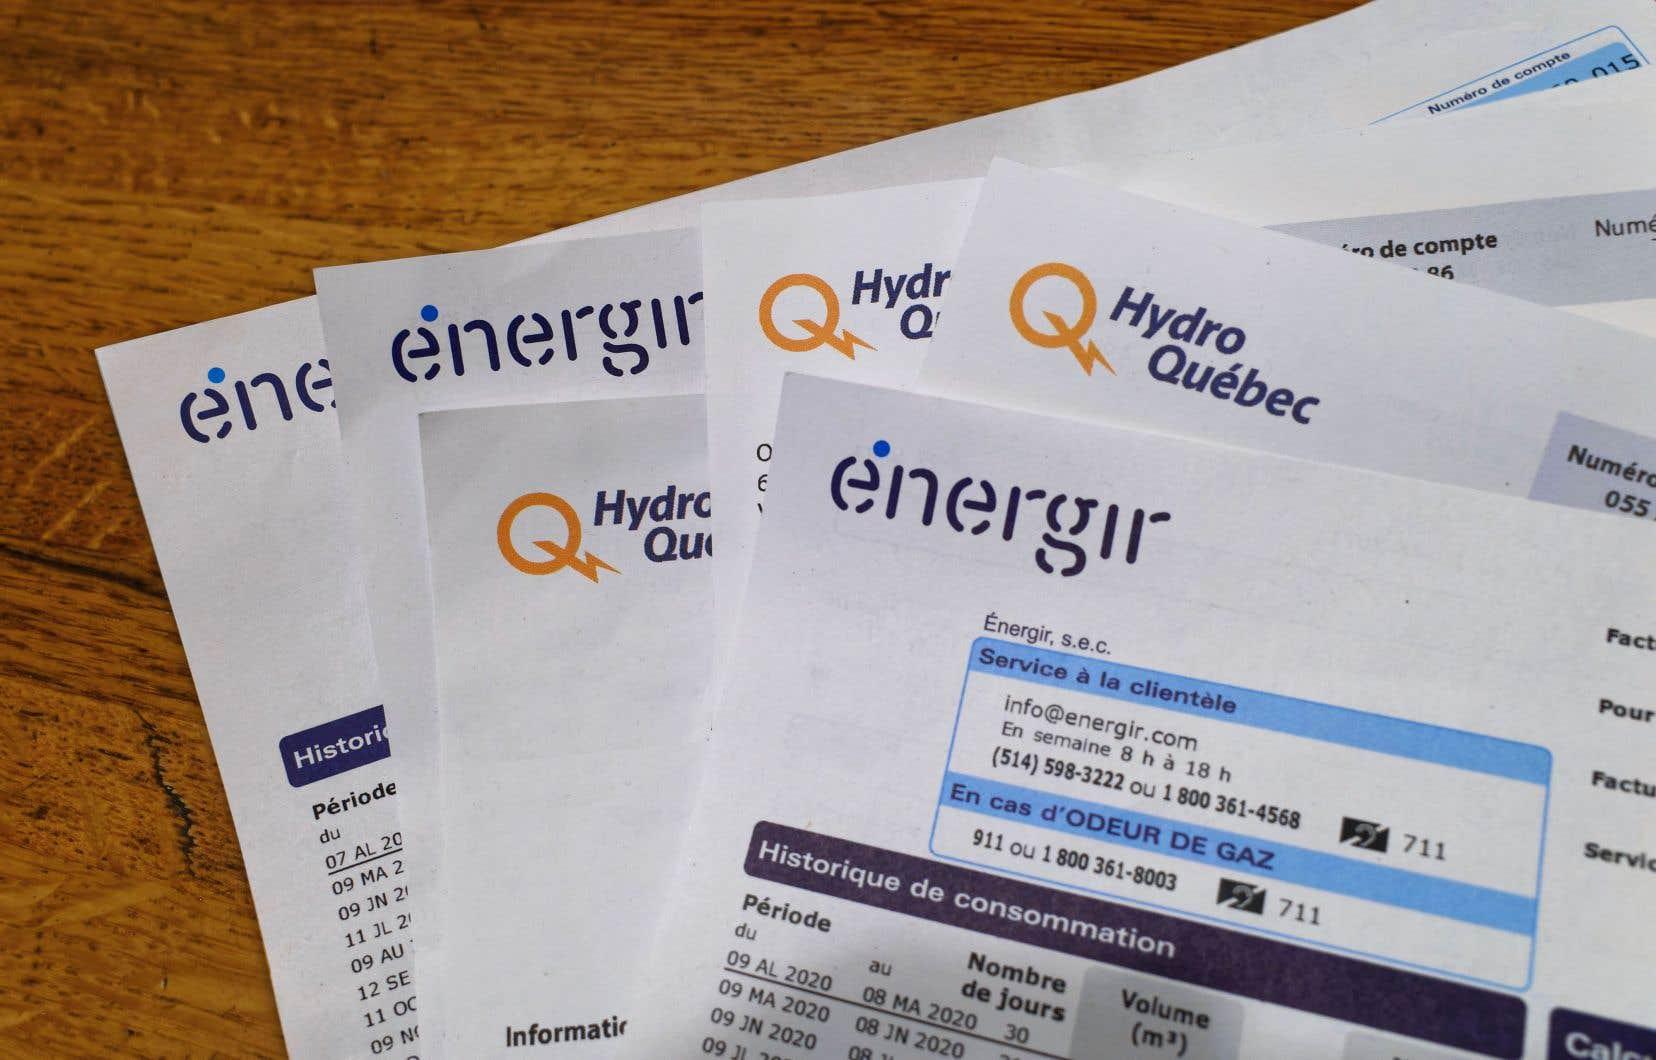 Les deux plus importants distributeurs de la province demandent conjointement à la Régie de l'énergie du Québec que les clients d'Énergir qui font la conversion vers la biénergie puissent bénéficier du tarif DT d'Hydro-Québec.